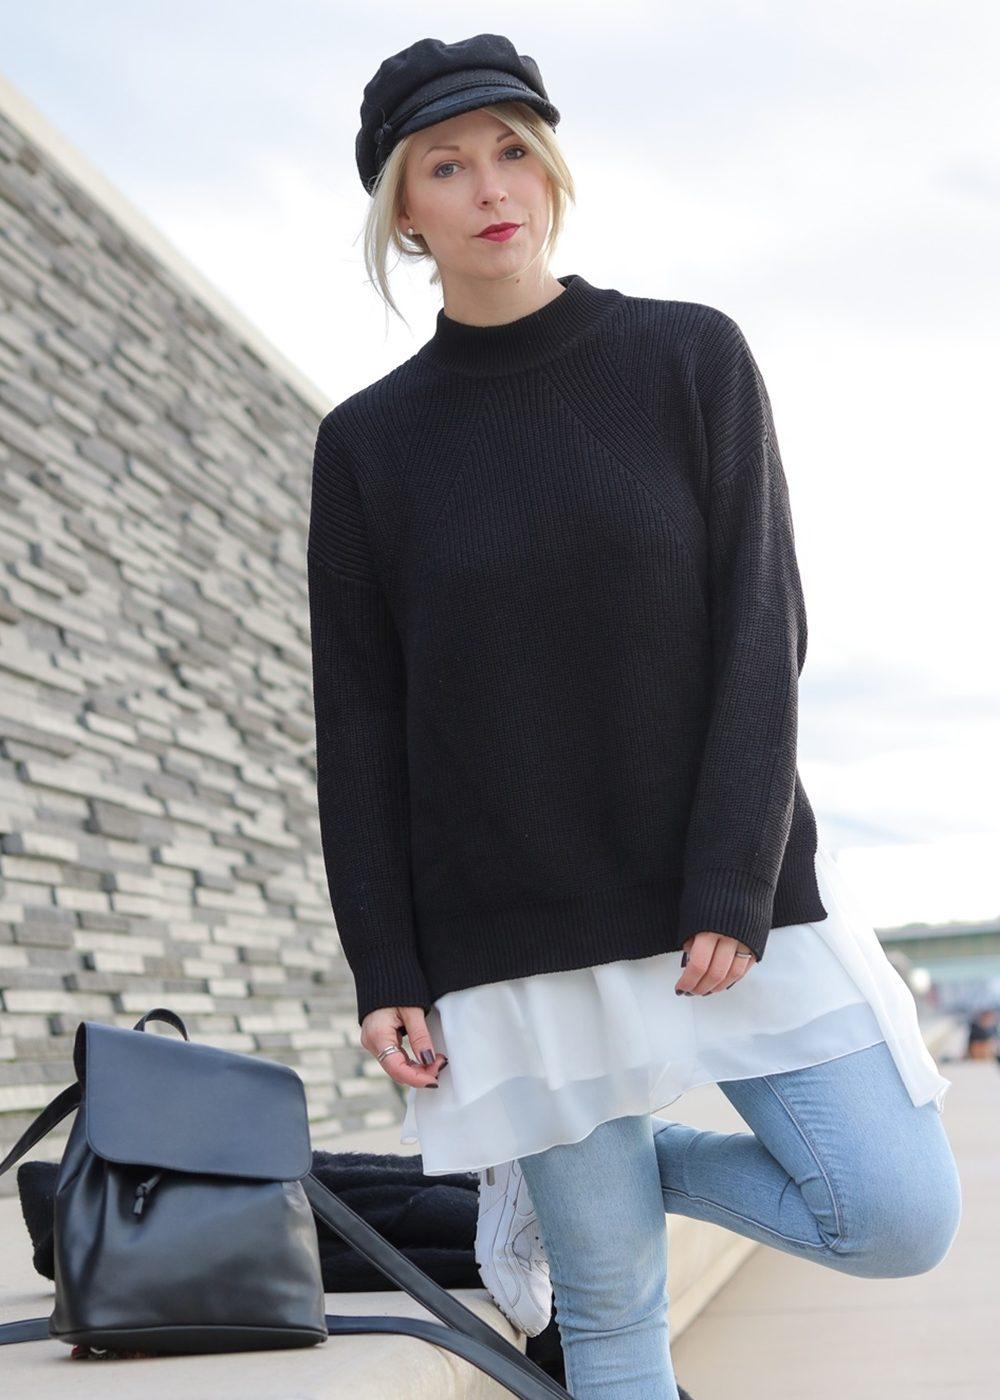 modeblogger-karlsruhe-outfit-herbst-kleid-vero-moda-rostrot-schwarzer-mantel-overknees-hut-8-von-29